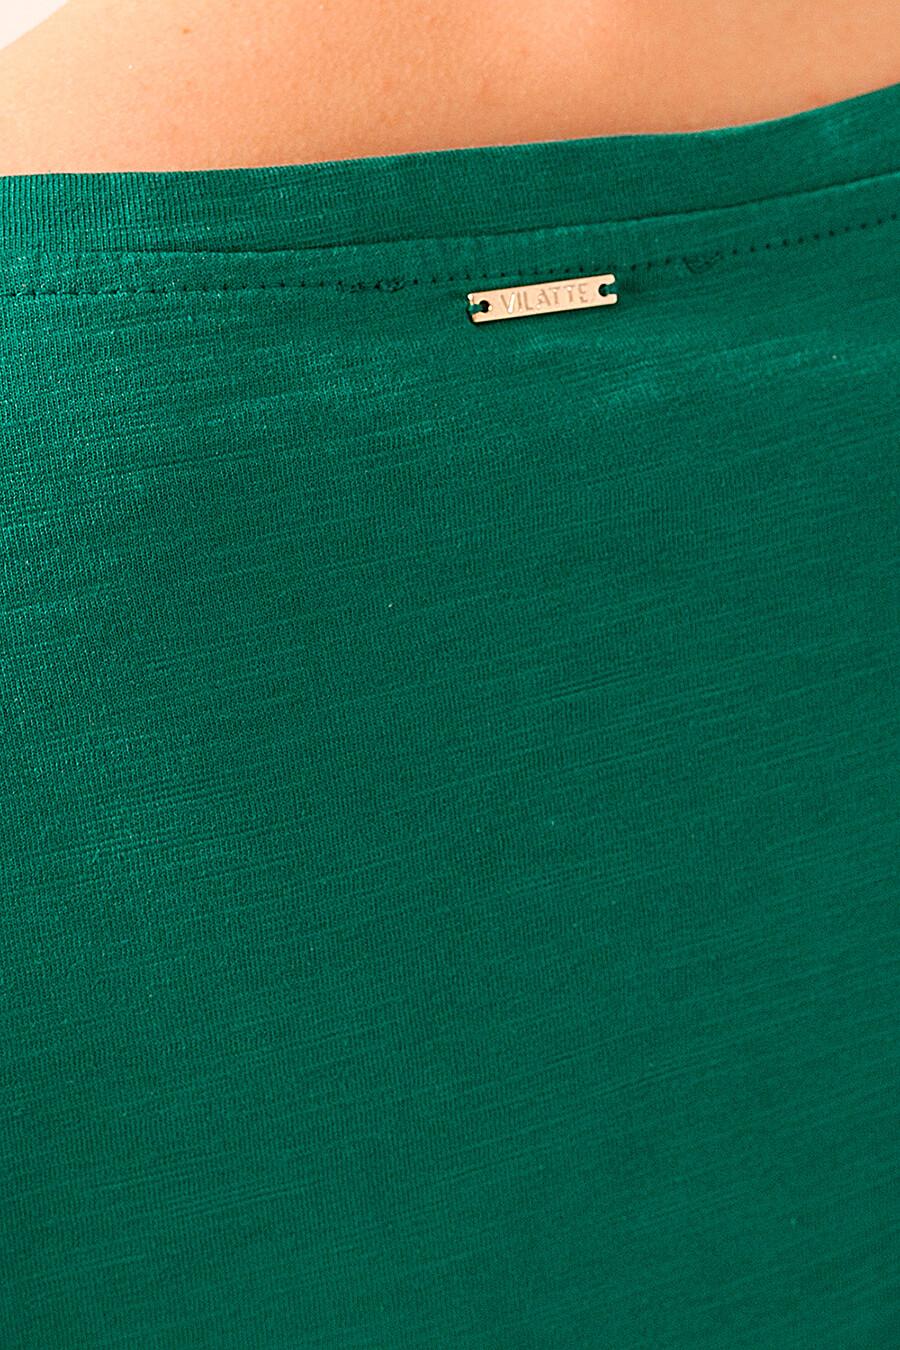 Футболка для женщин VILATTE 668648 купить оптом от производителя. Совместная покупка женской одежды в OptMoyo